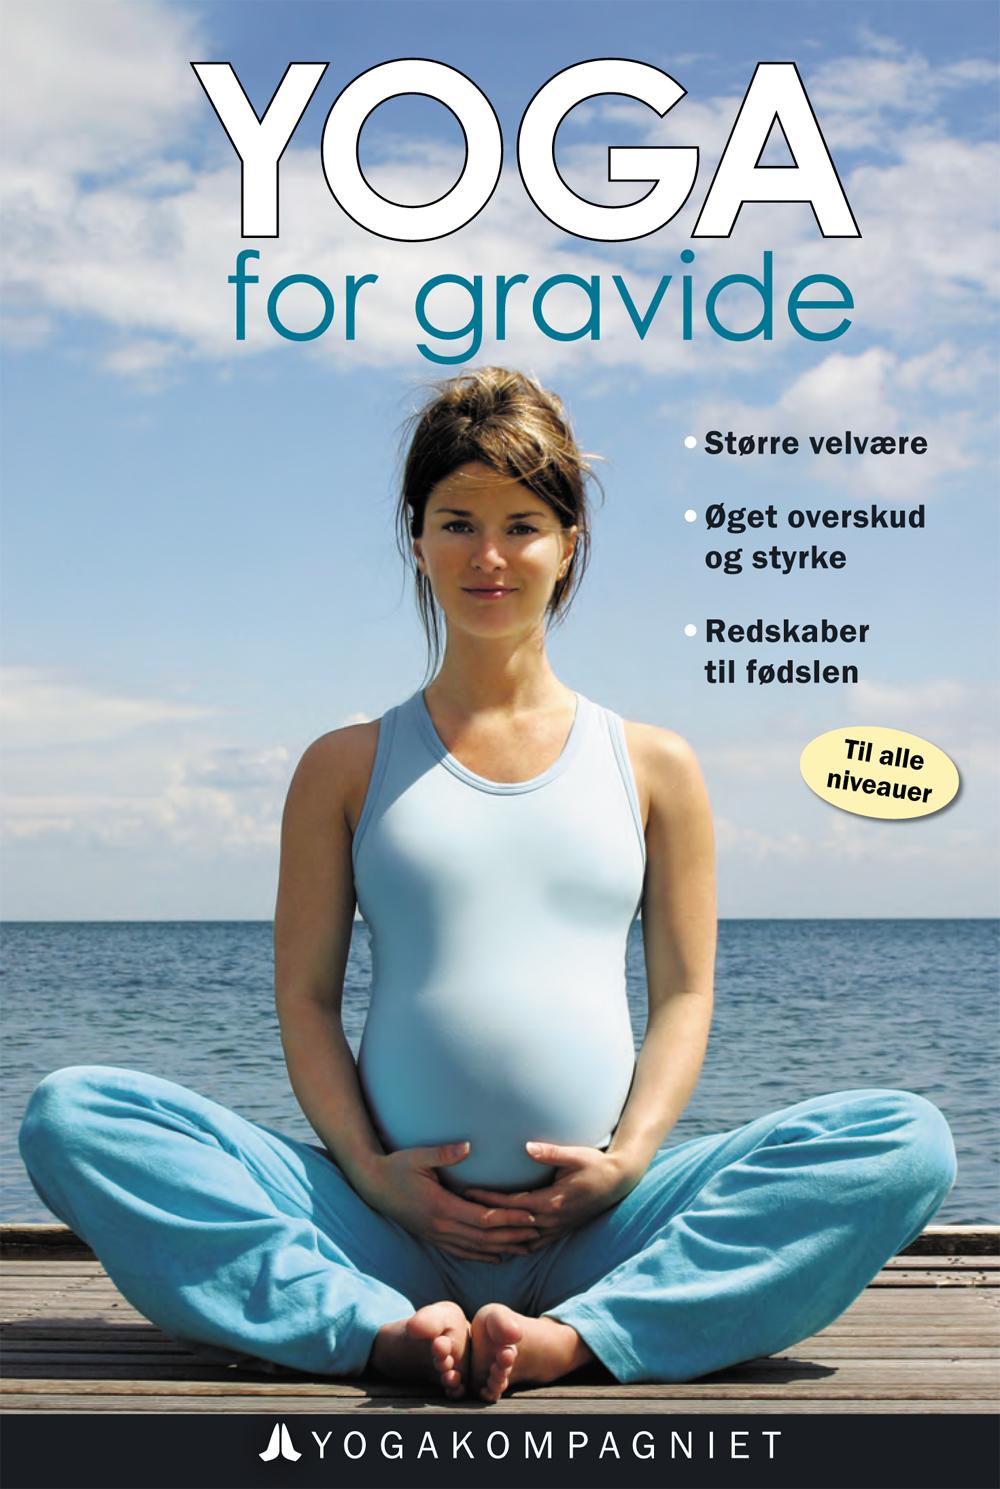 N/A – Yoga for gravide (dvd) på spashop.dk